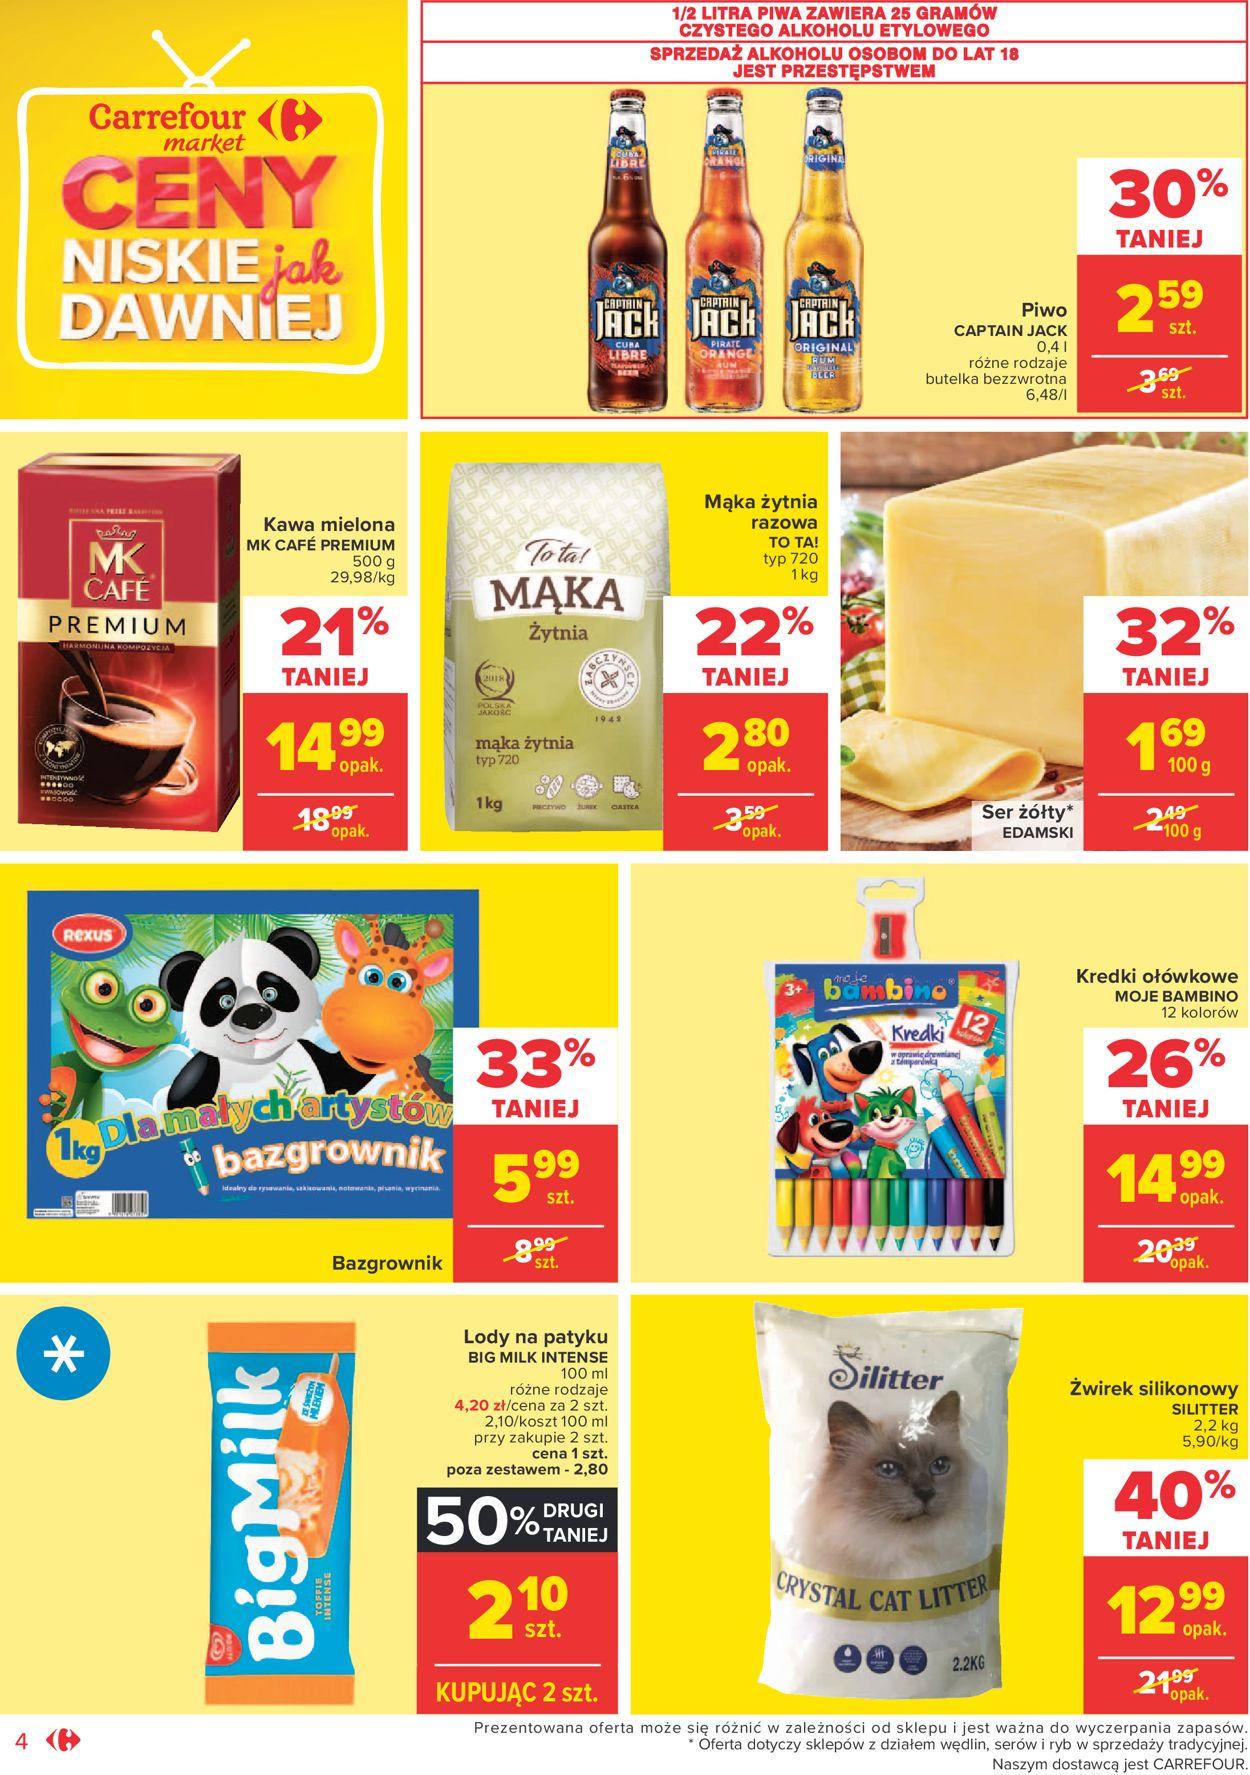 Gazetka promocyjna Carrefour - 13.07-24.07.2021 (Strona 4)